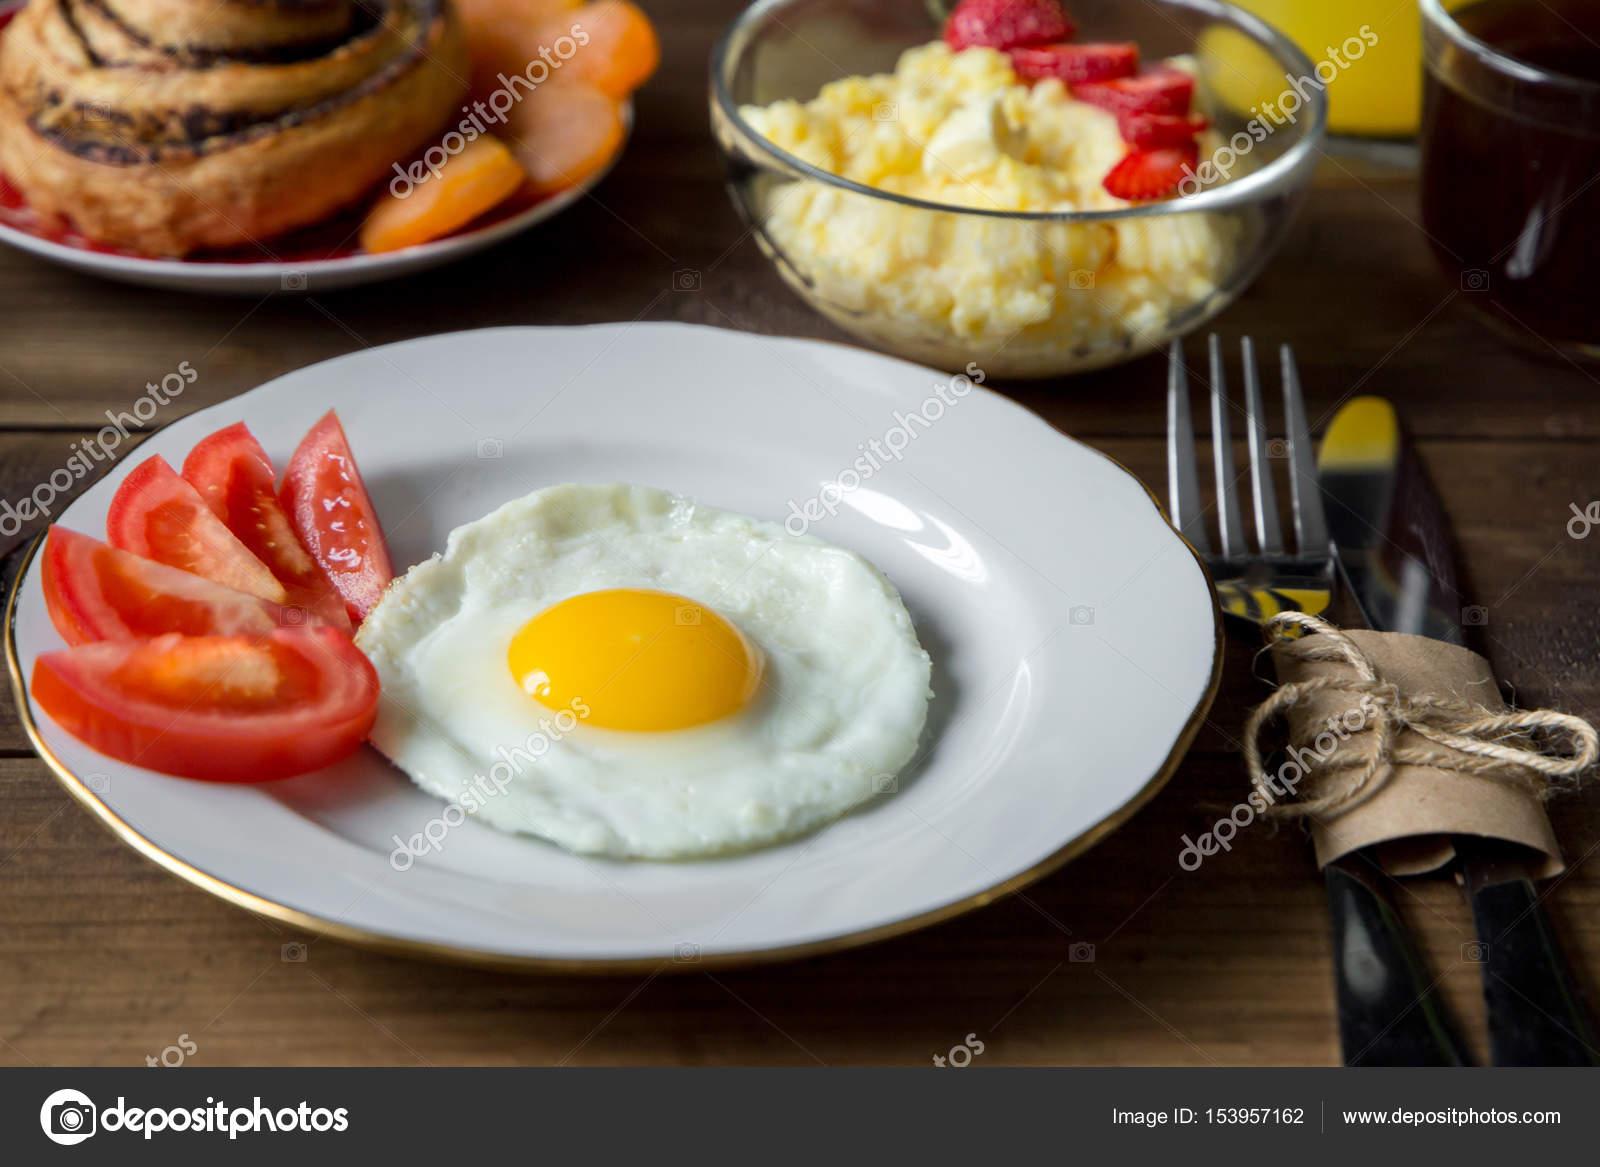 Delightful Frühstückstisch Mit Maisbrei, Spiegelei Und Saft Serviert U2014 Stockfoto